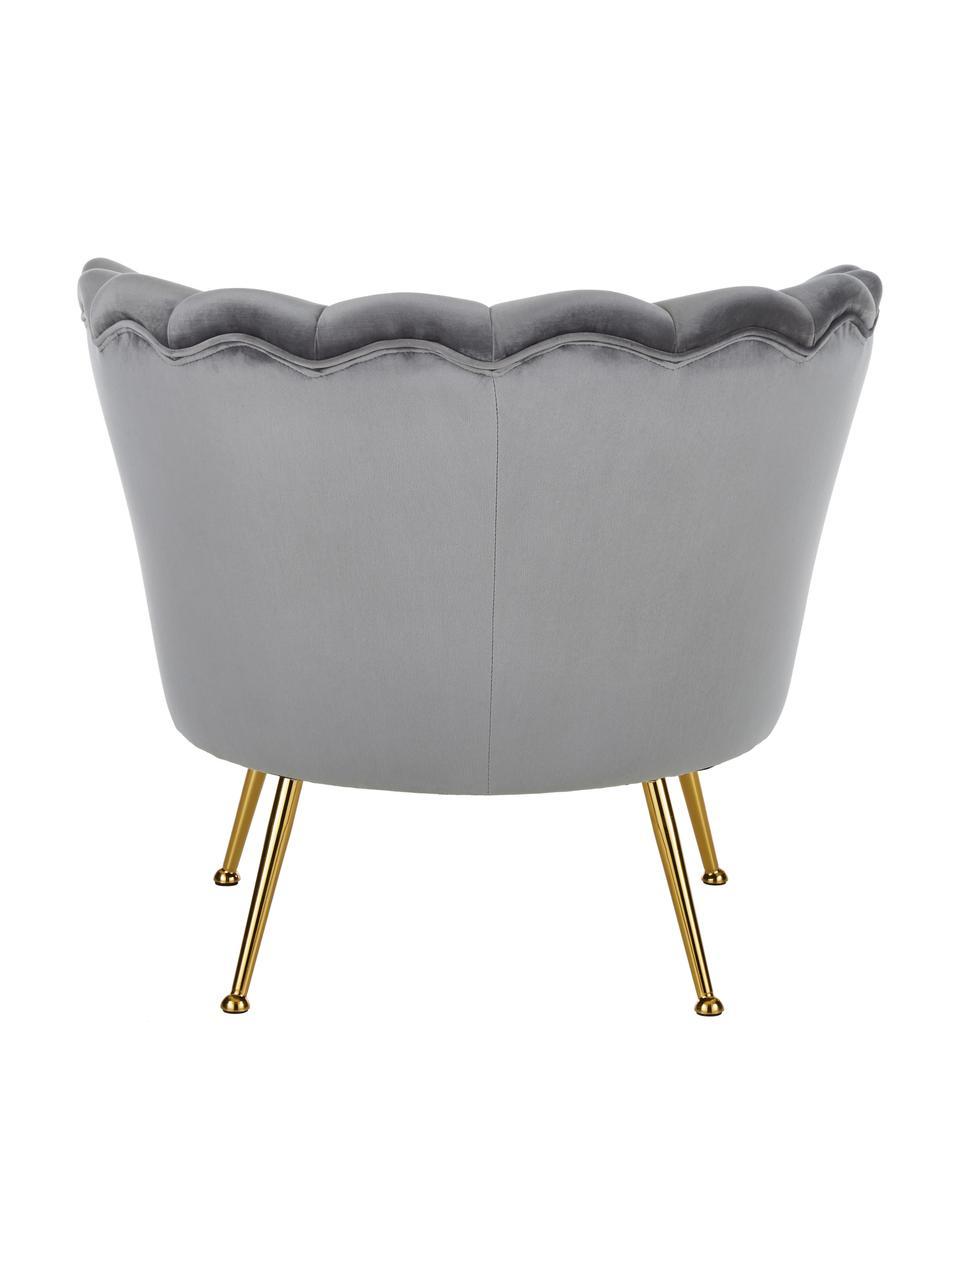 Poltrona in velluto grigio Oyster, Rivestimento: velluto (poliestere) Con , Struttura: legno di pioppo massiccio, Velluto grigio, Larg. 81 x Prof. 78 cm